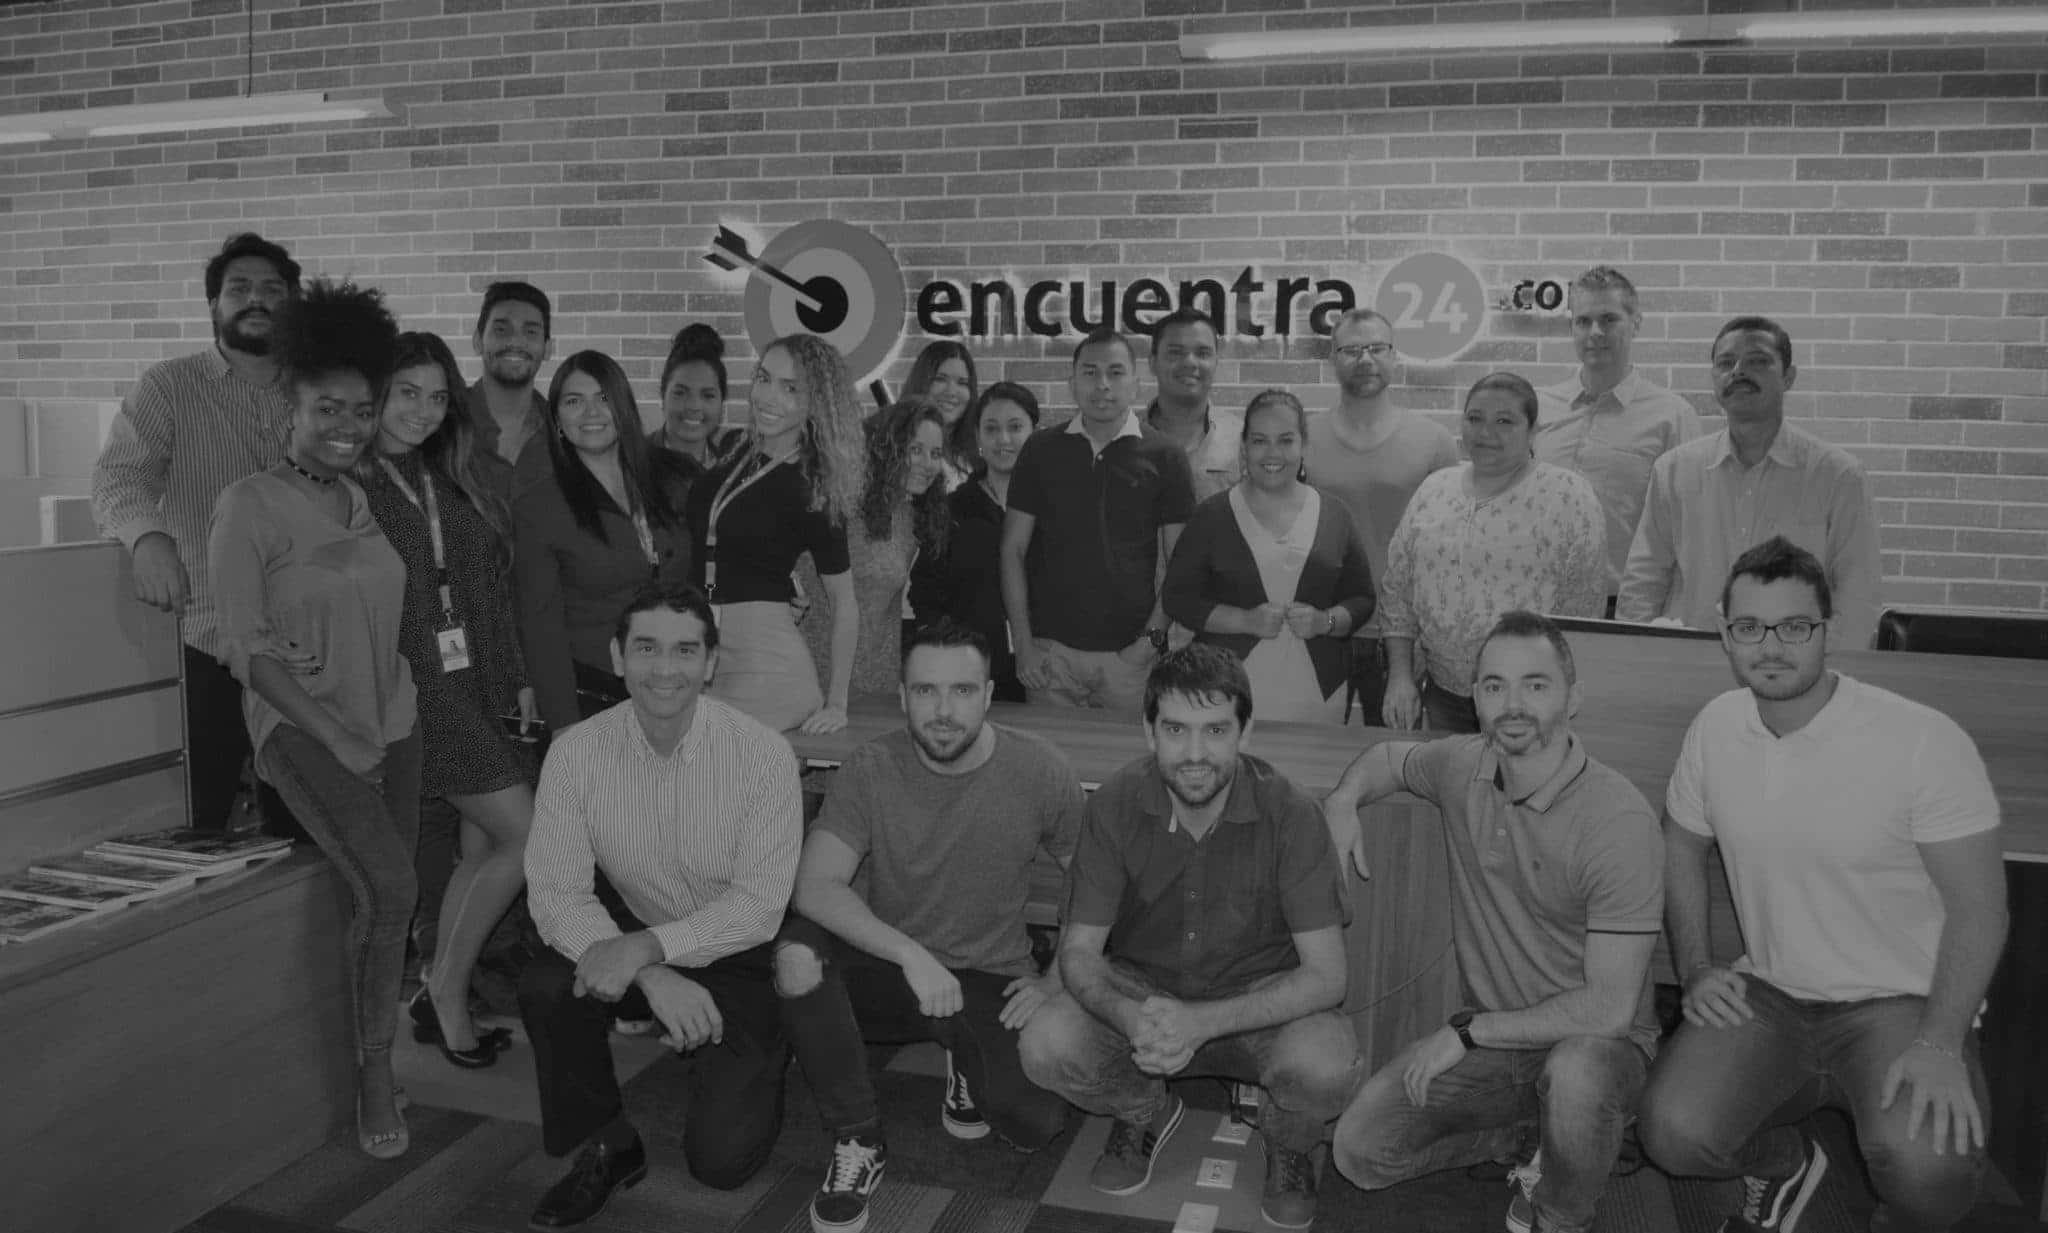 Encuentra24